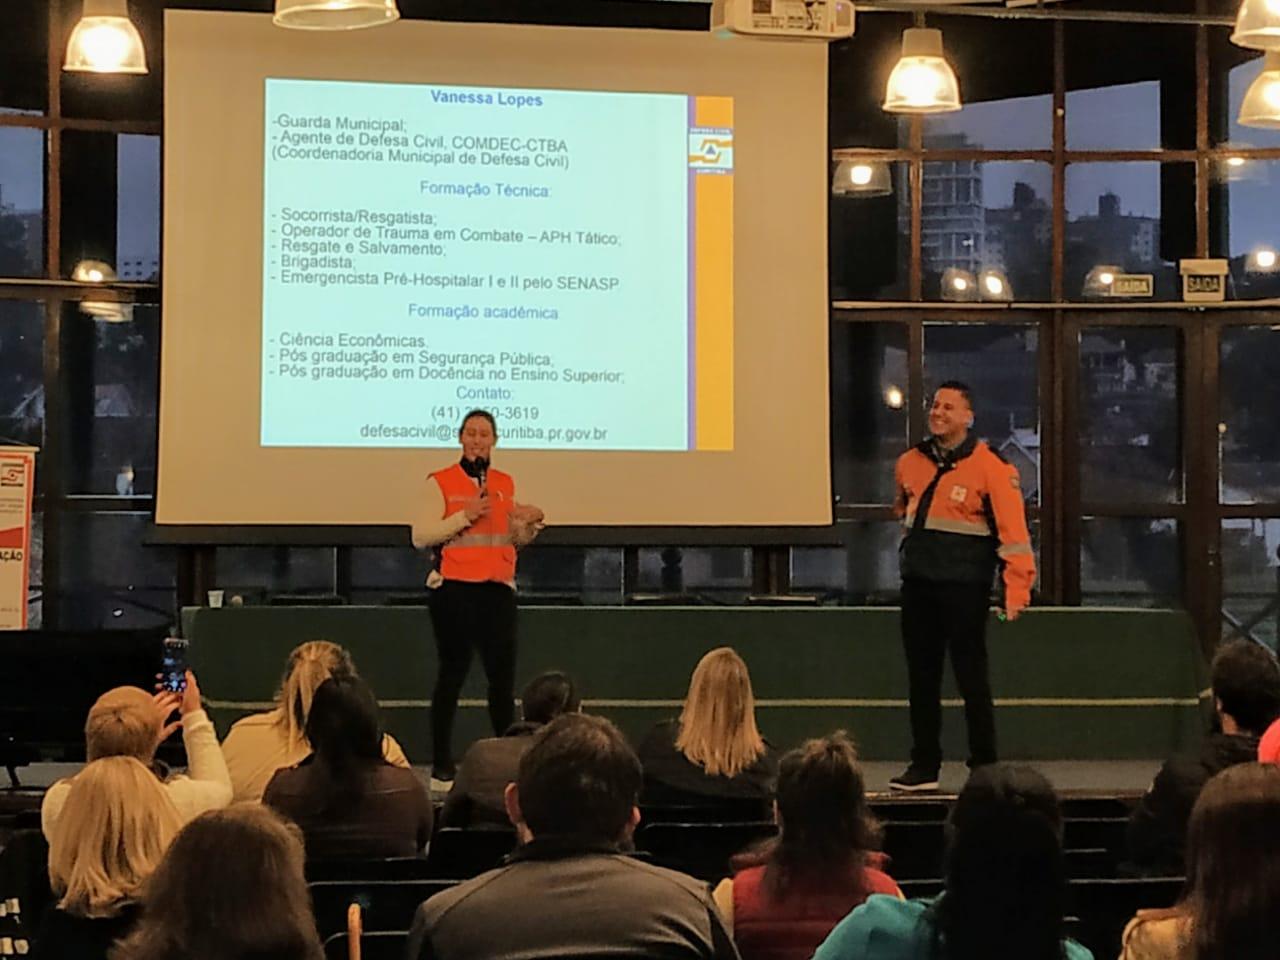 Educação inicia curso sobre Prevenção de Acidentes e Primeiros Socorros no Ambie